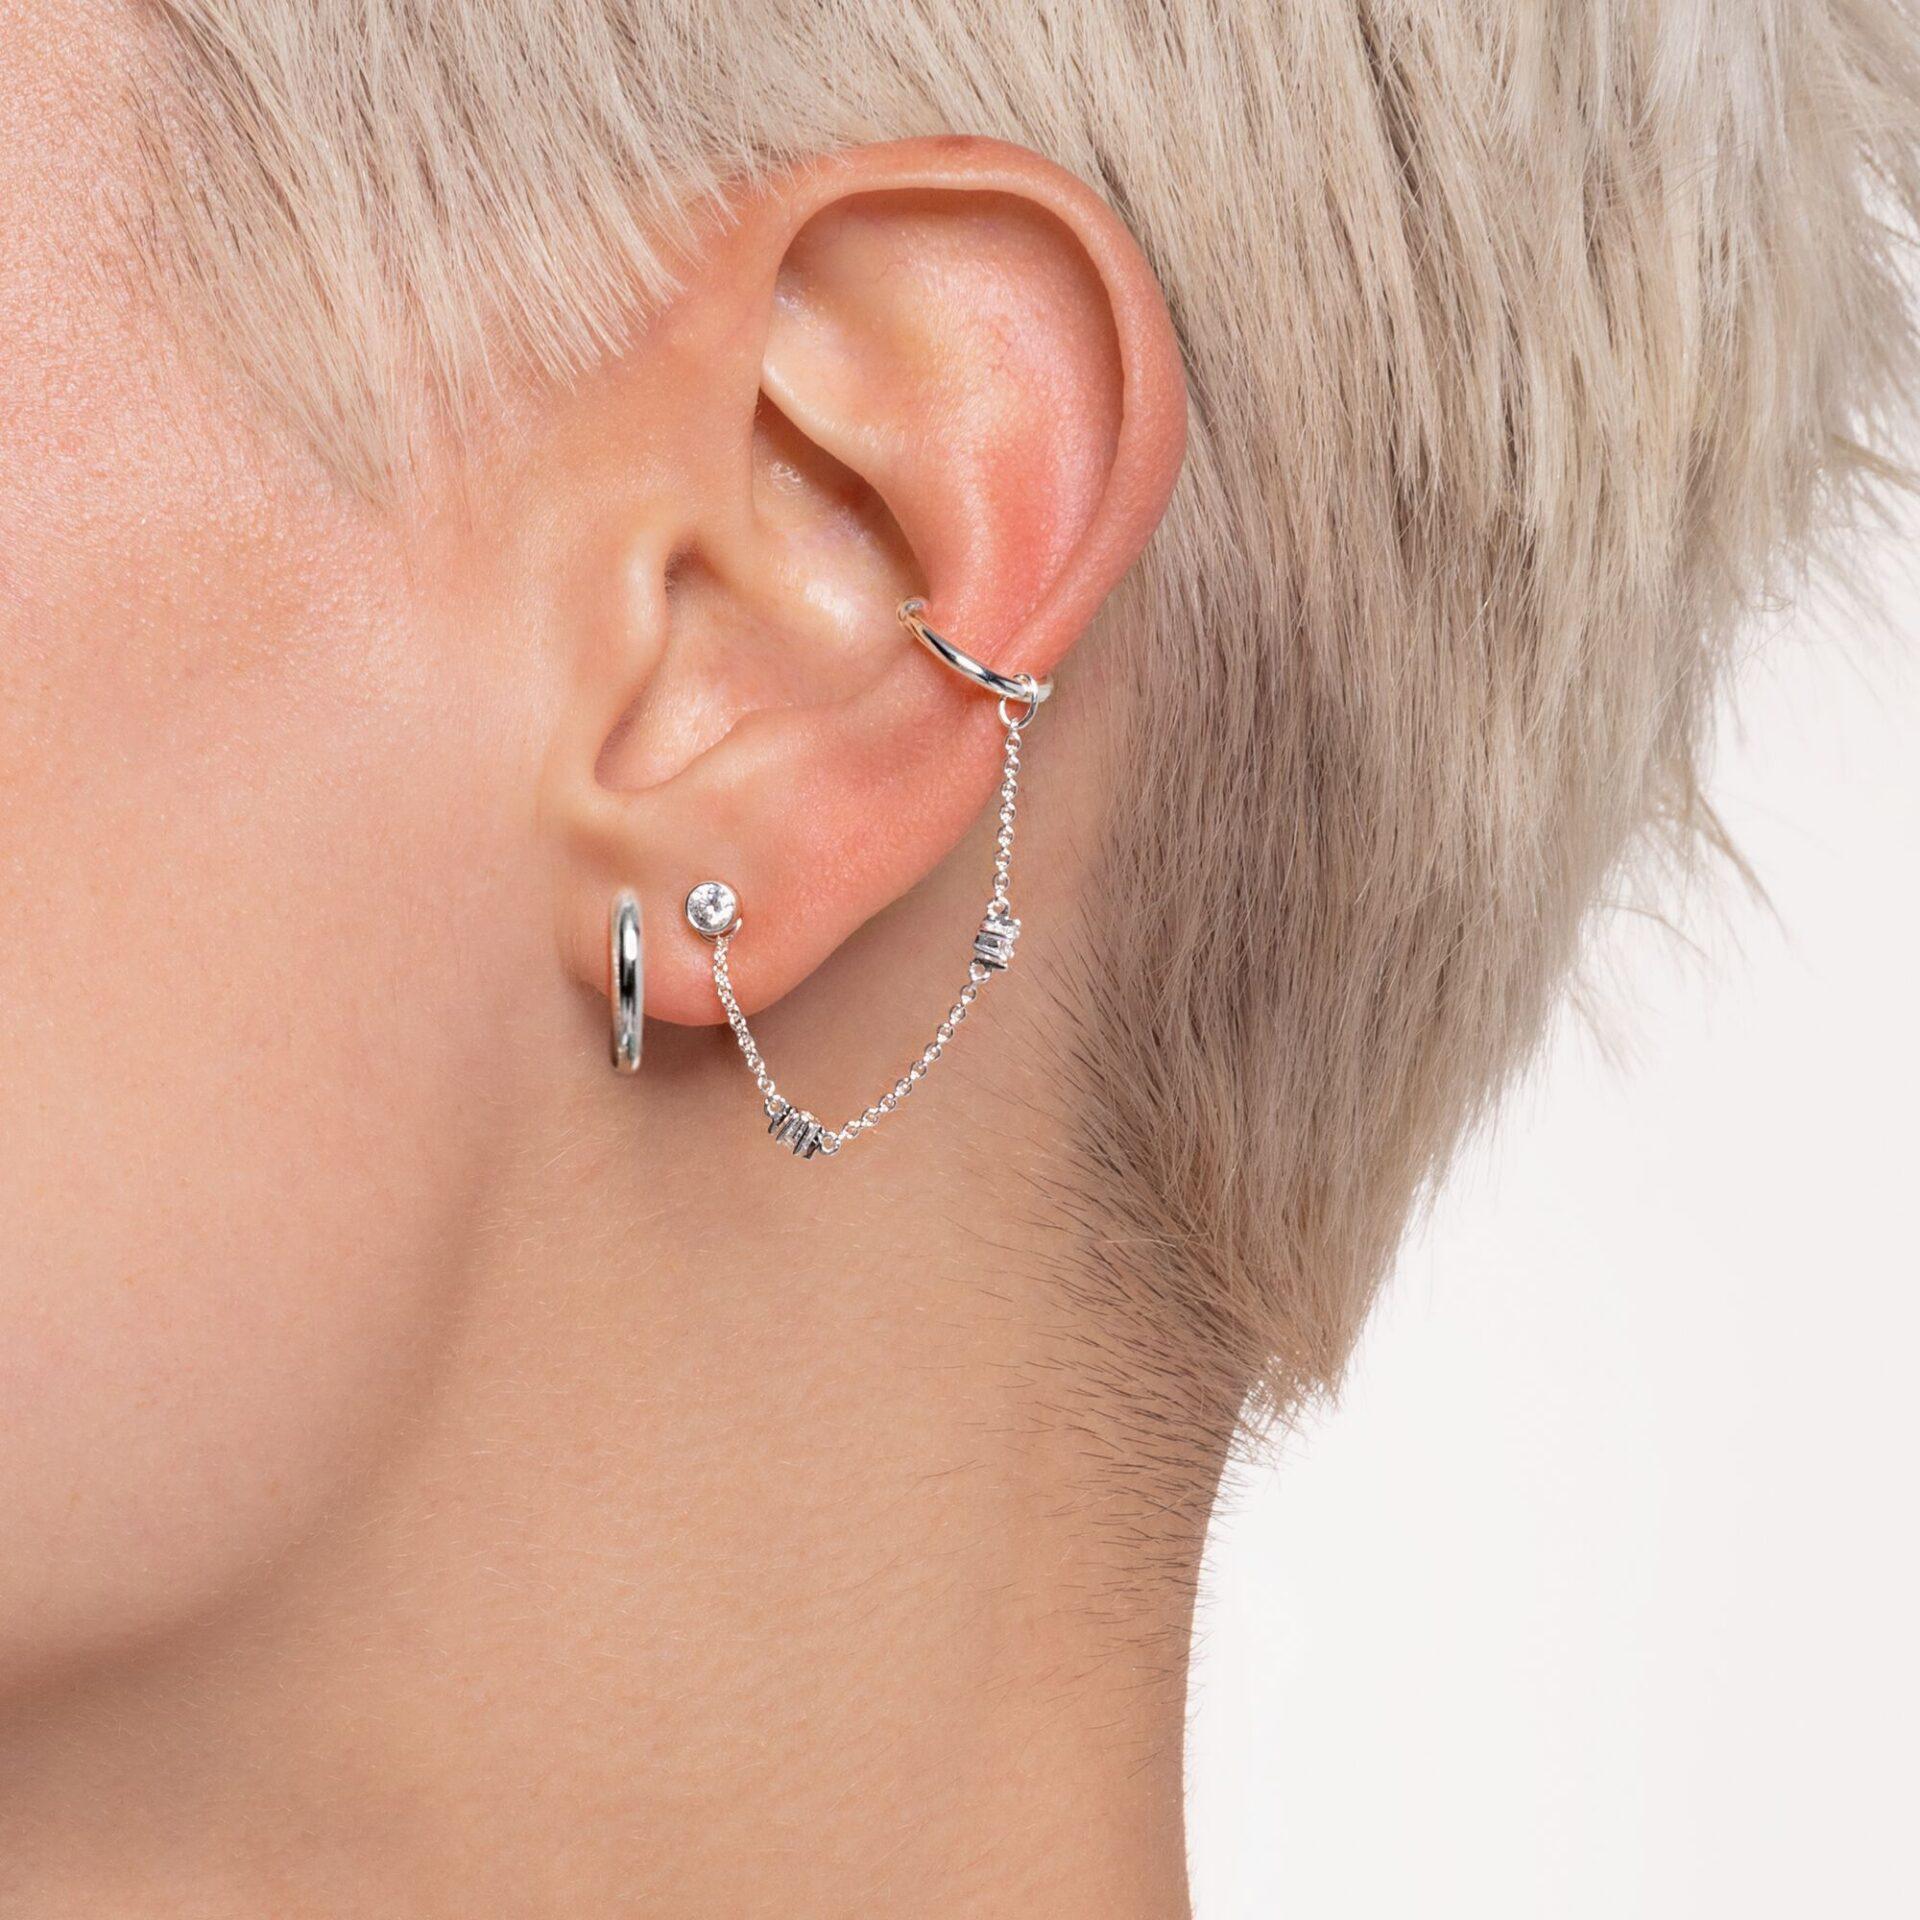 Clou d'oreille unique pierre blanche argent, Thomas Sabo